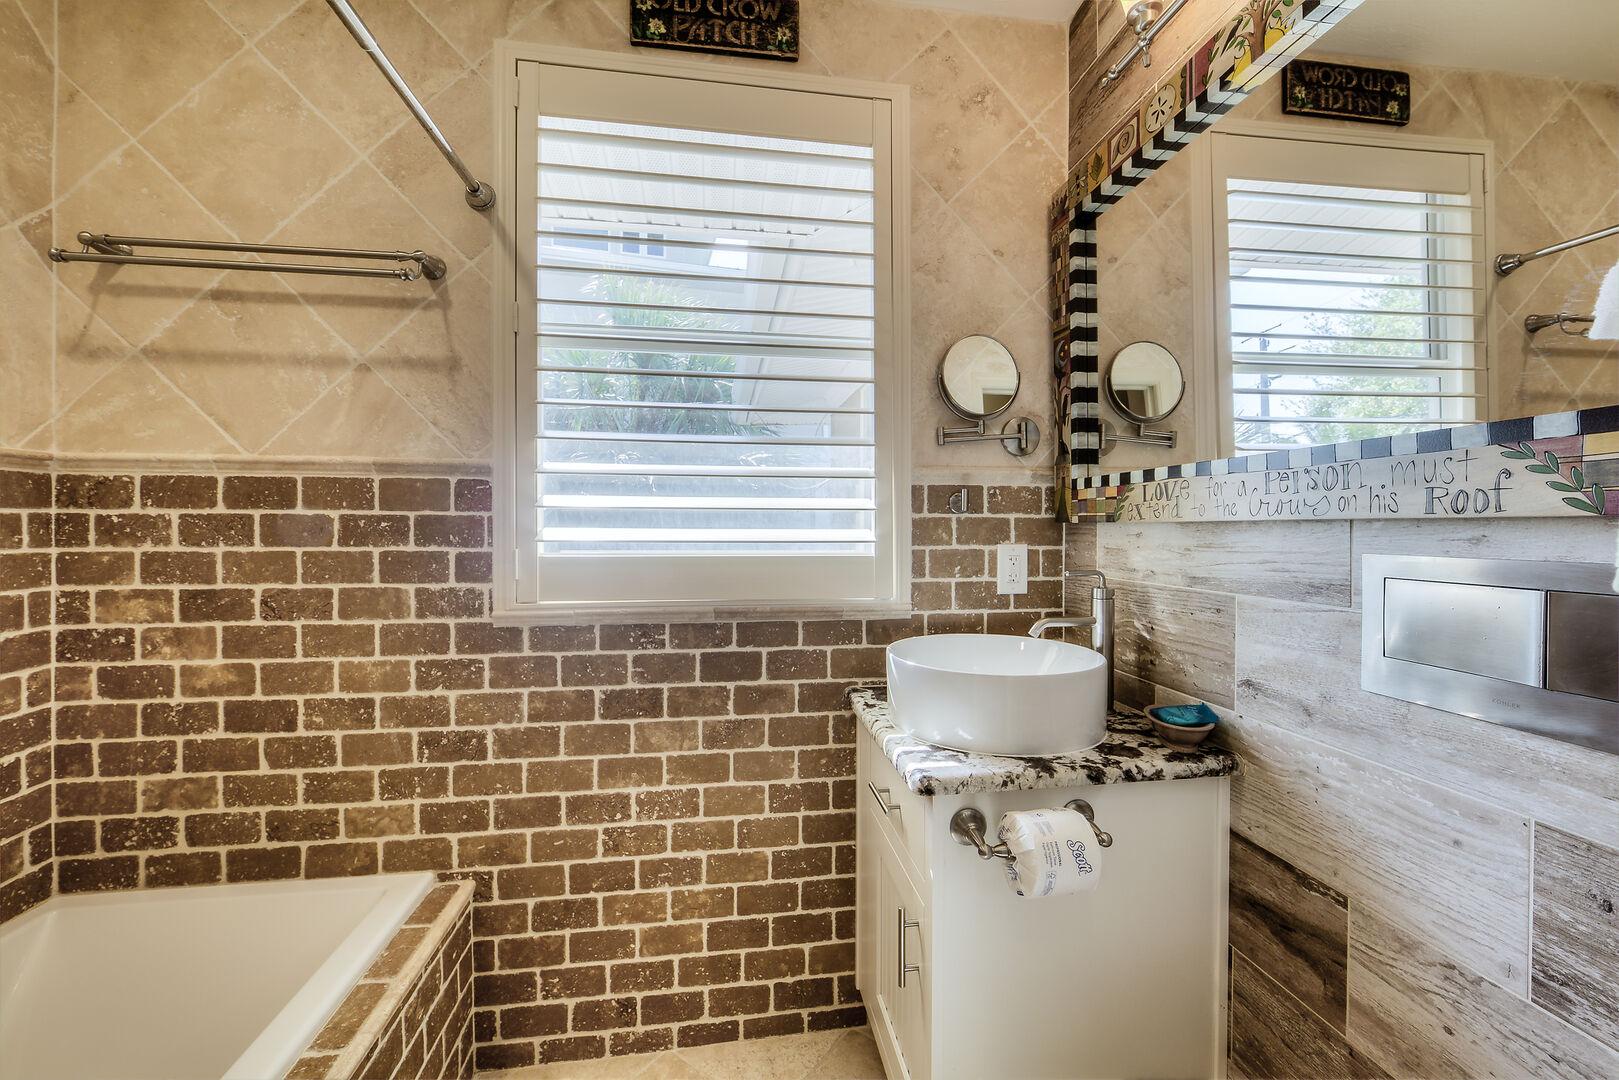 Crow's Nest Bathroom Fort Myers Beach Rental